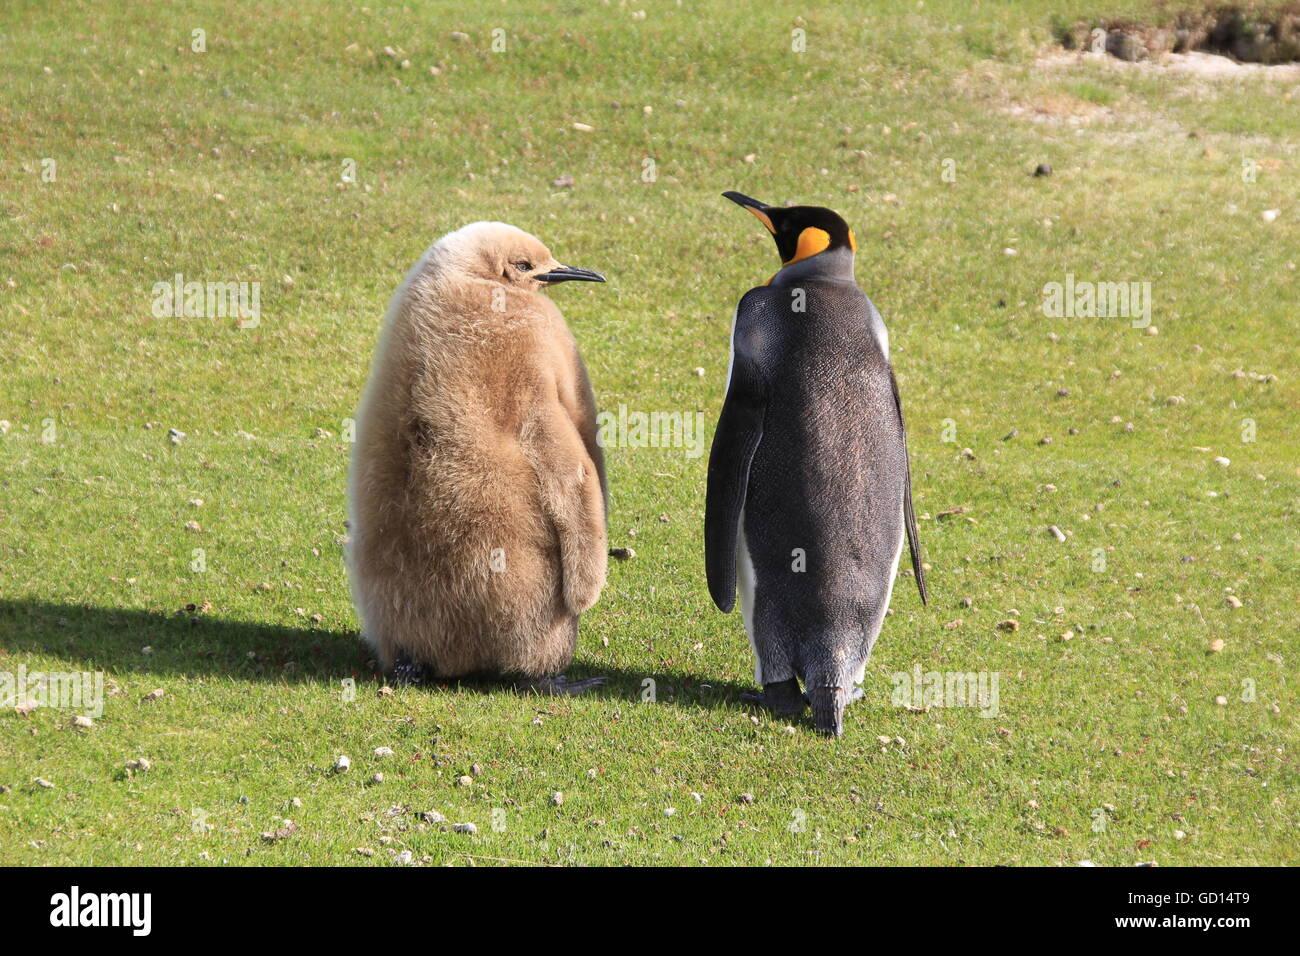 Pinguino reale con pulcino, Isole Falkland Foto Stock